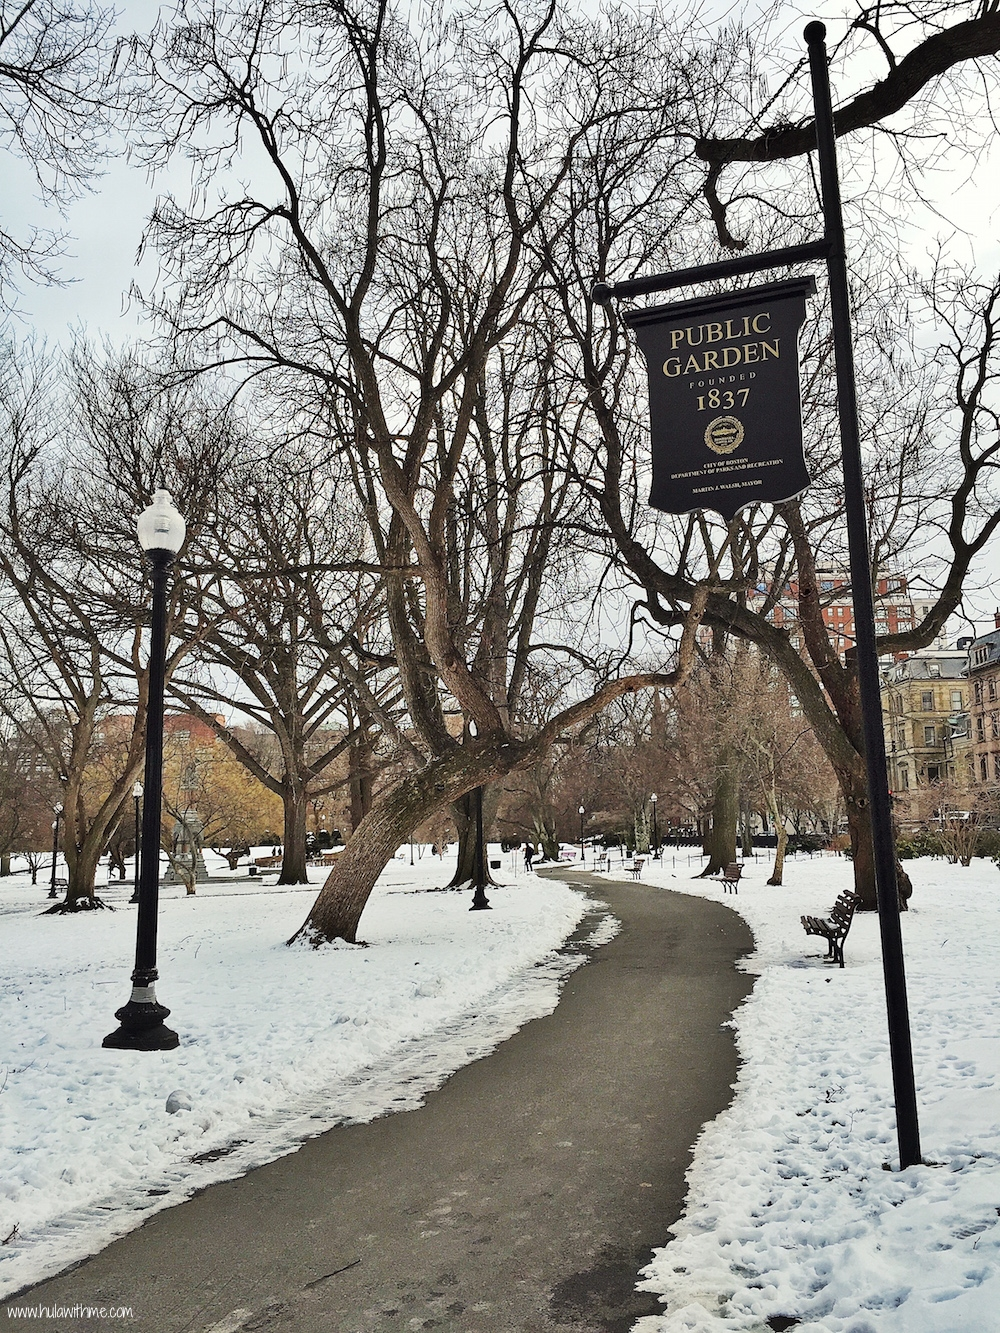 Boston Charm: Snowy scene in Boston Public Garden, Founded in 1837.